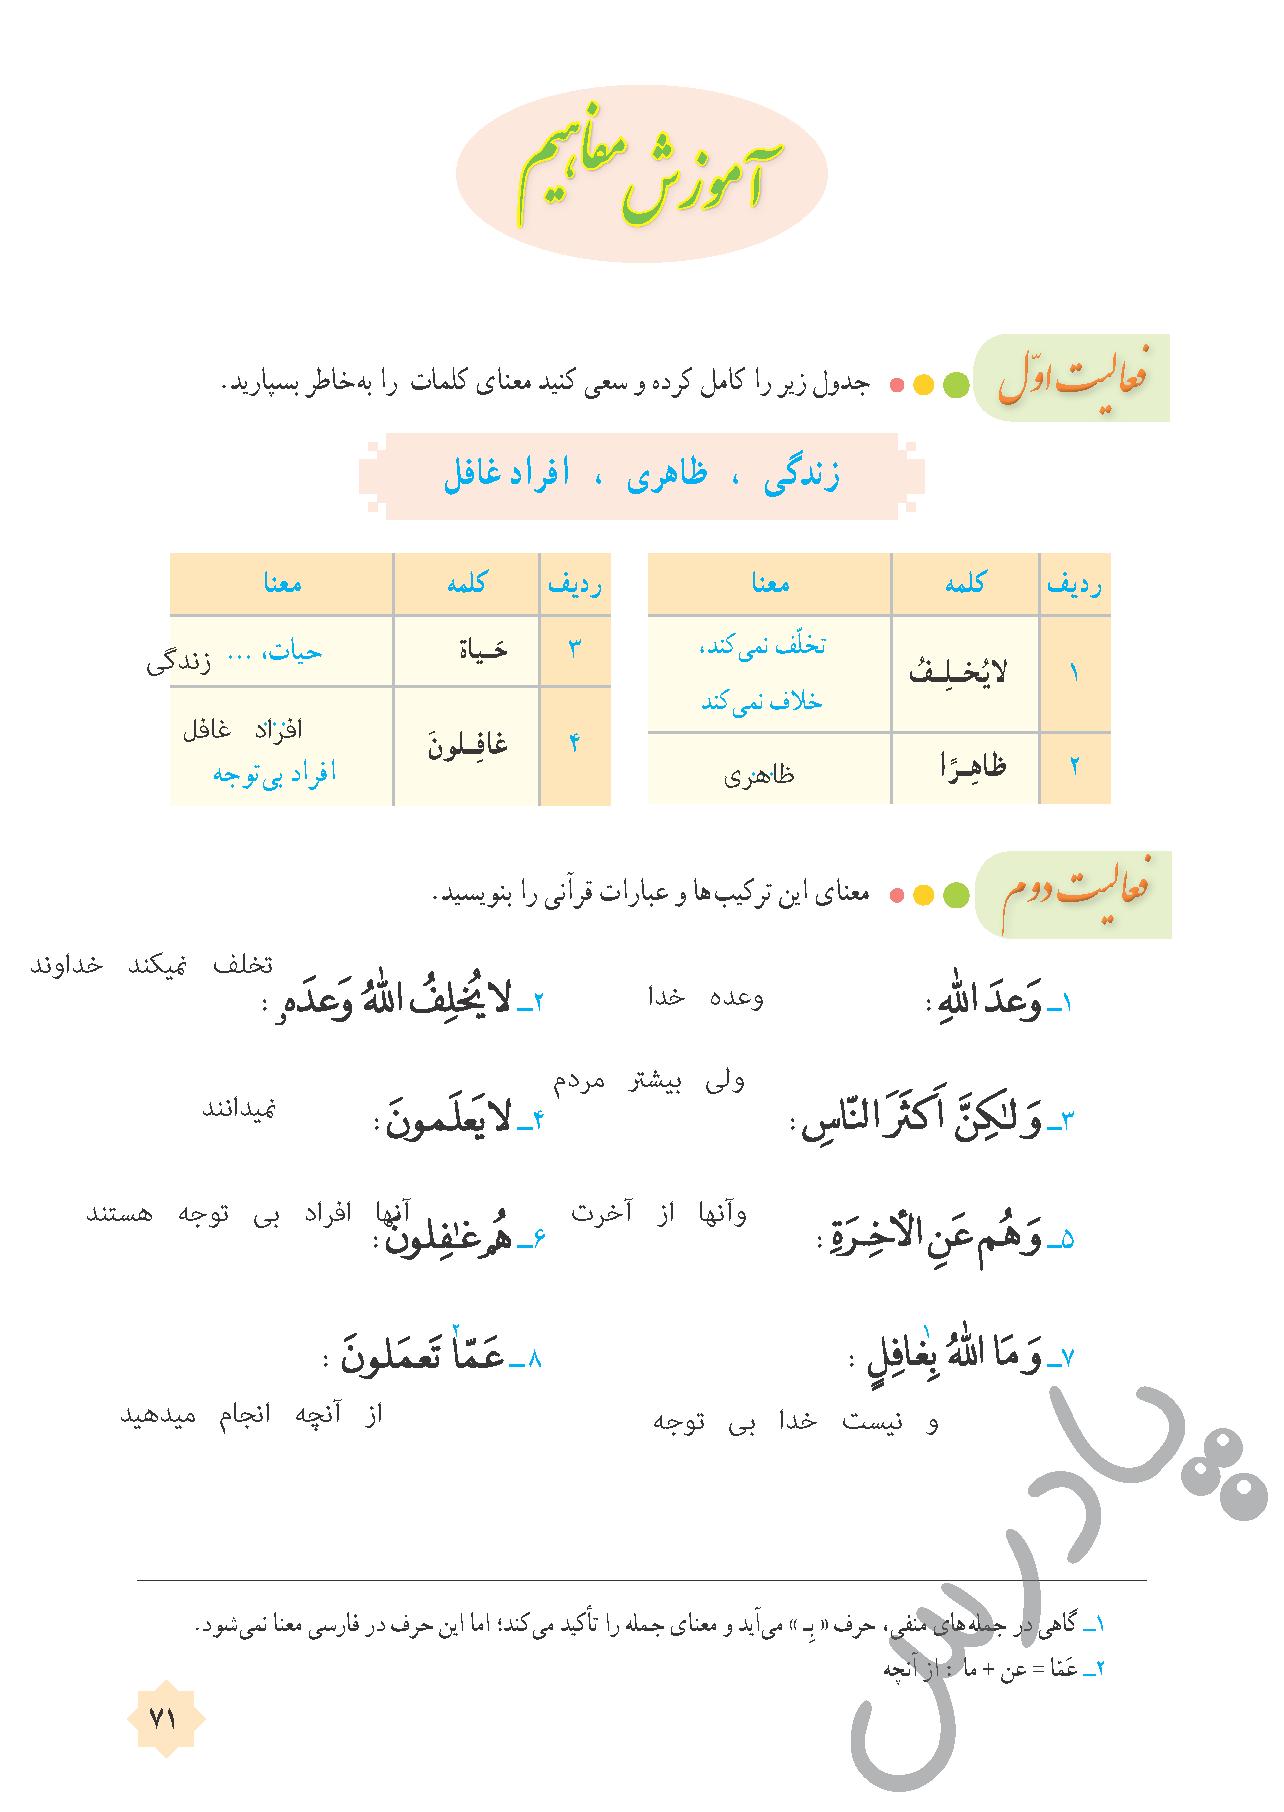 جواب فعالیت های درس 7 قرآن هشتم - جلسه اول